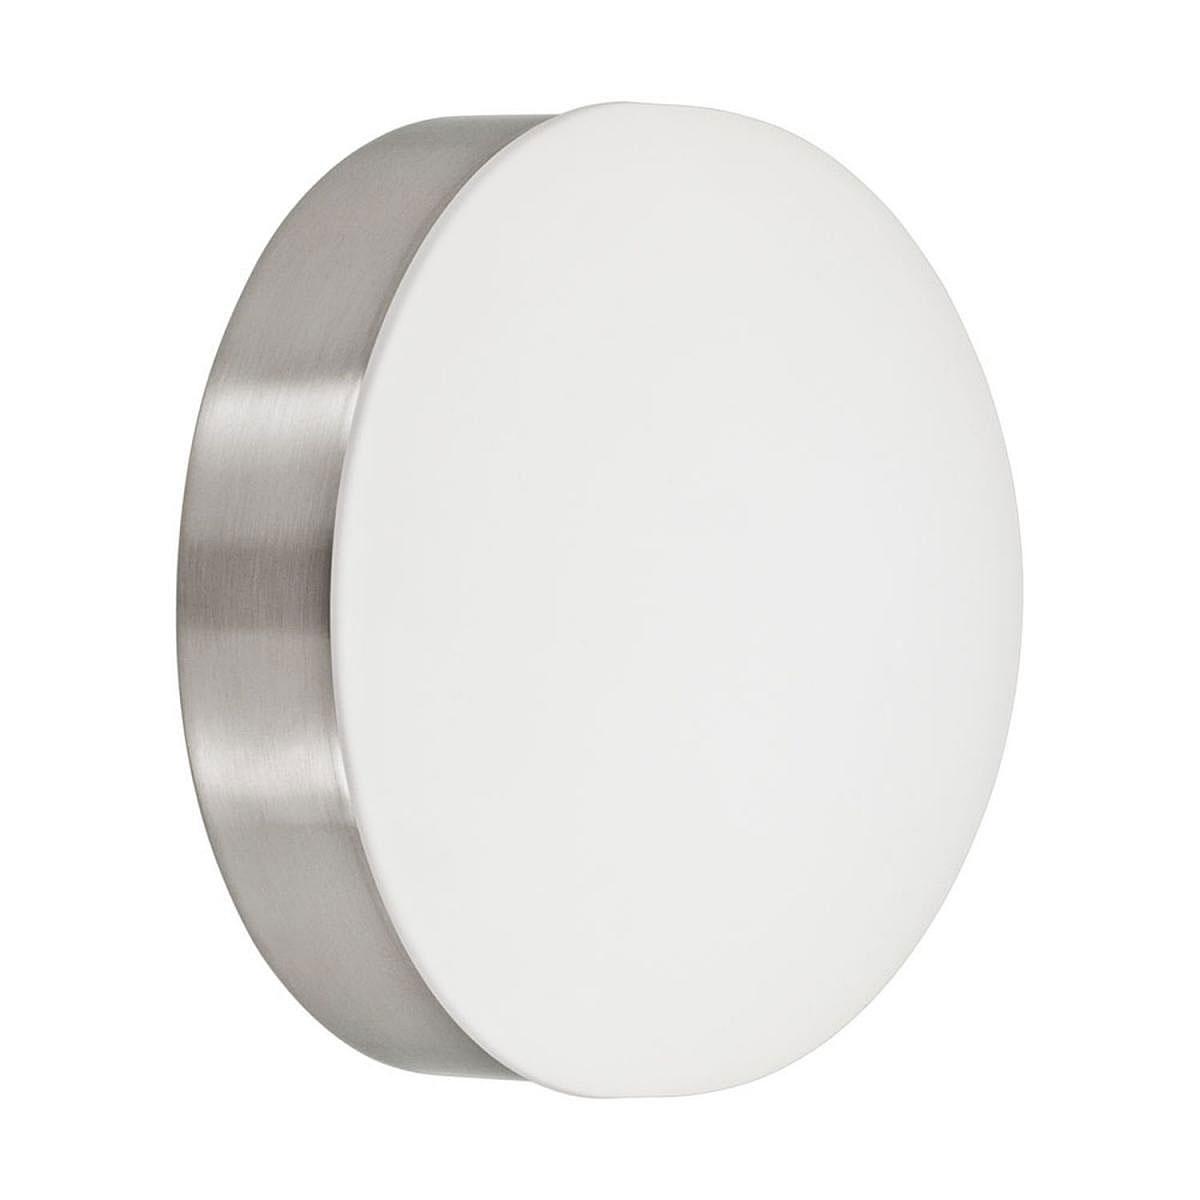 """Wandleuchten - LED Wandleuchte """"Cupella"""", nickel matt weiß  - Onlineshop Hellweg"""